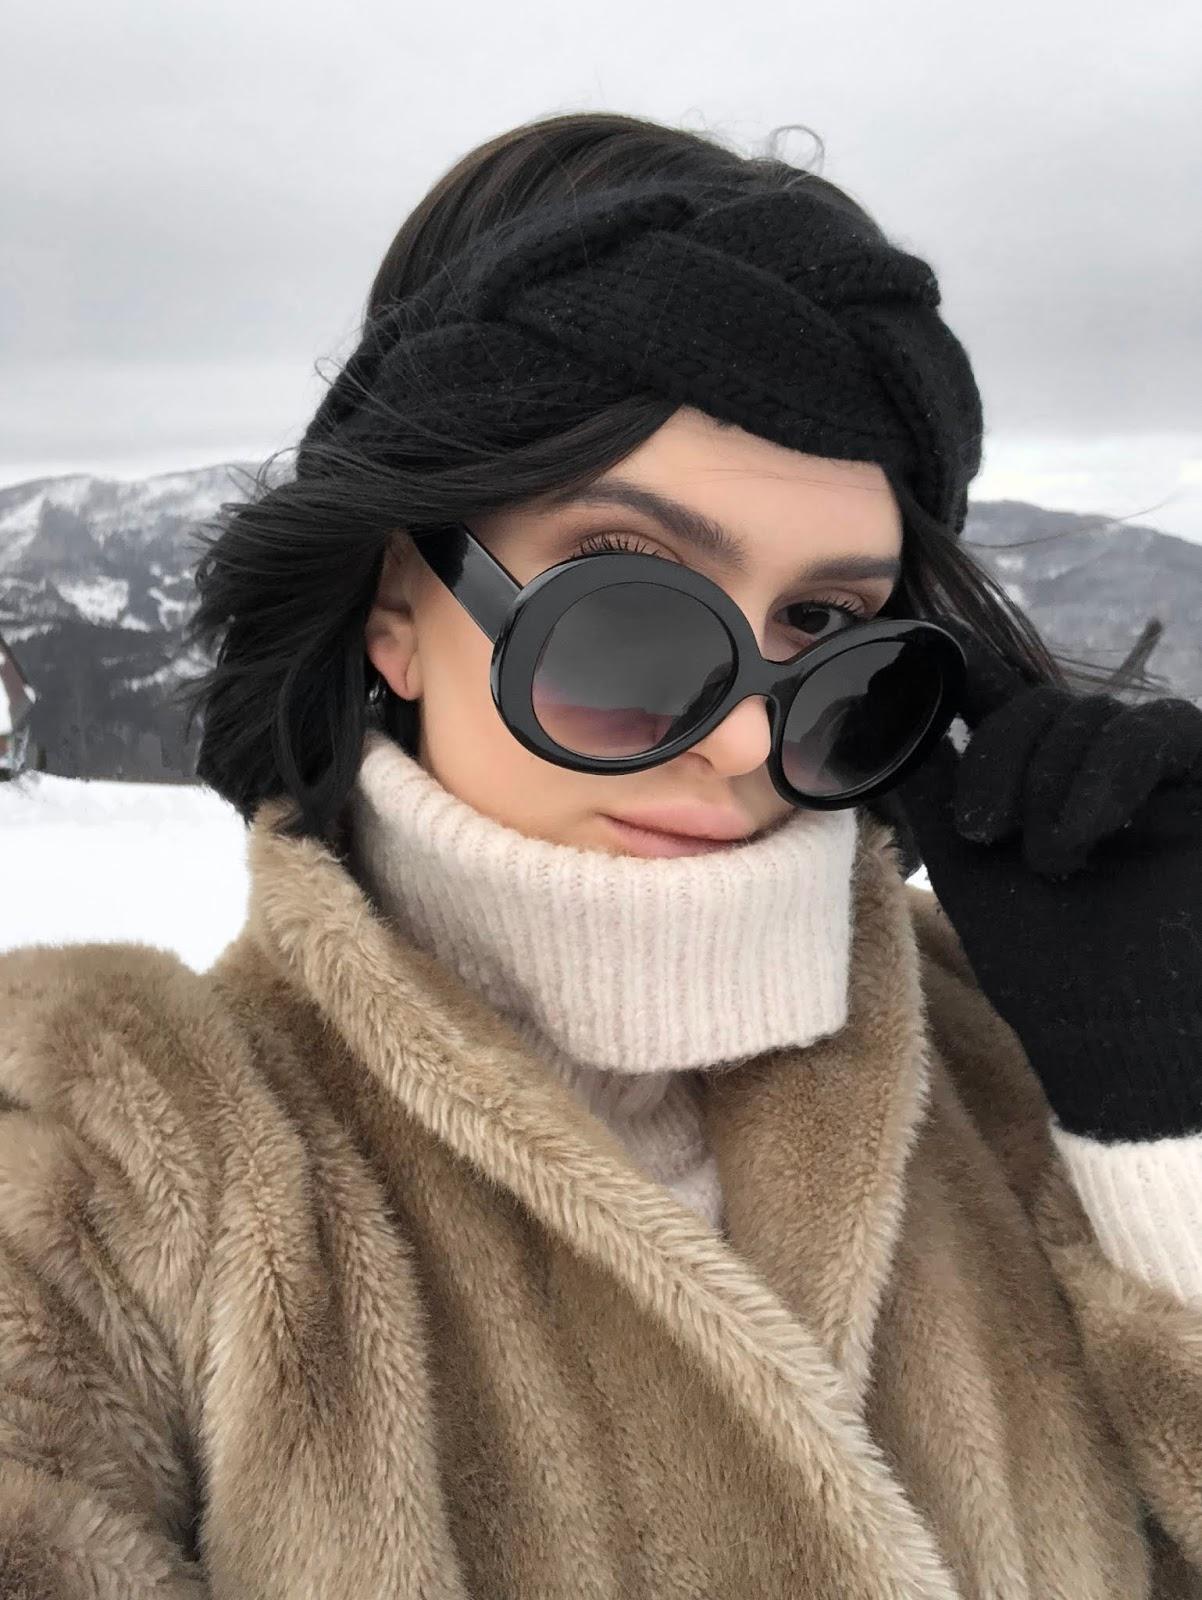 stylizacja, zimowa stylizacja, co nosić zimą, stylizacja w góry, futro vintage, stylizacja na zimę